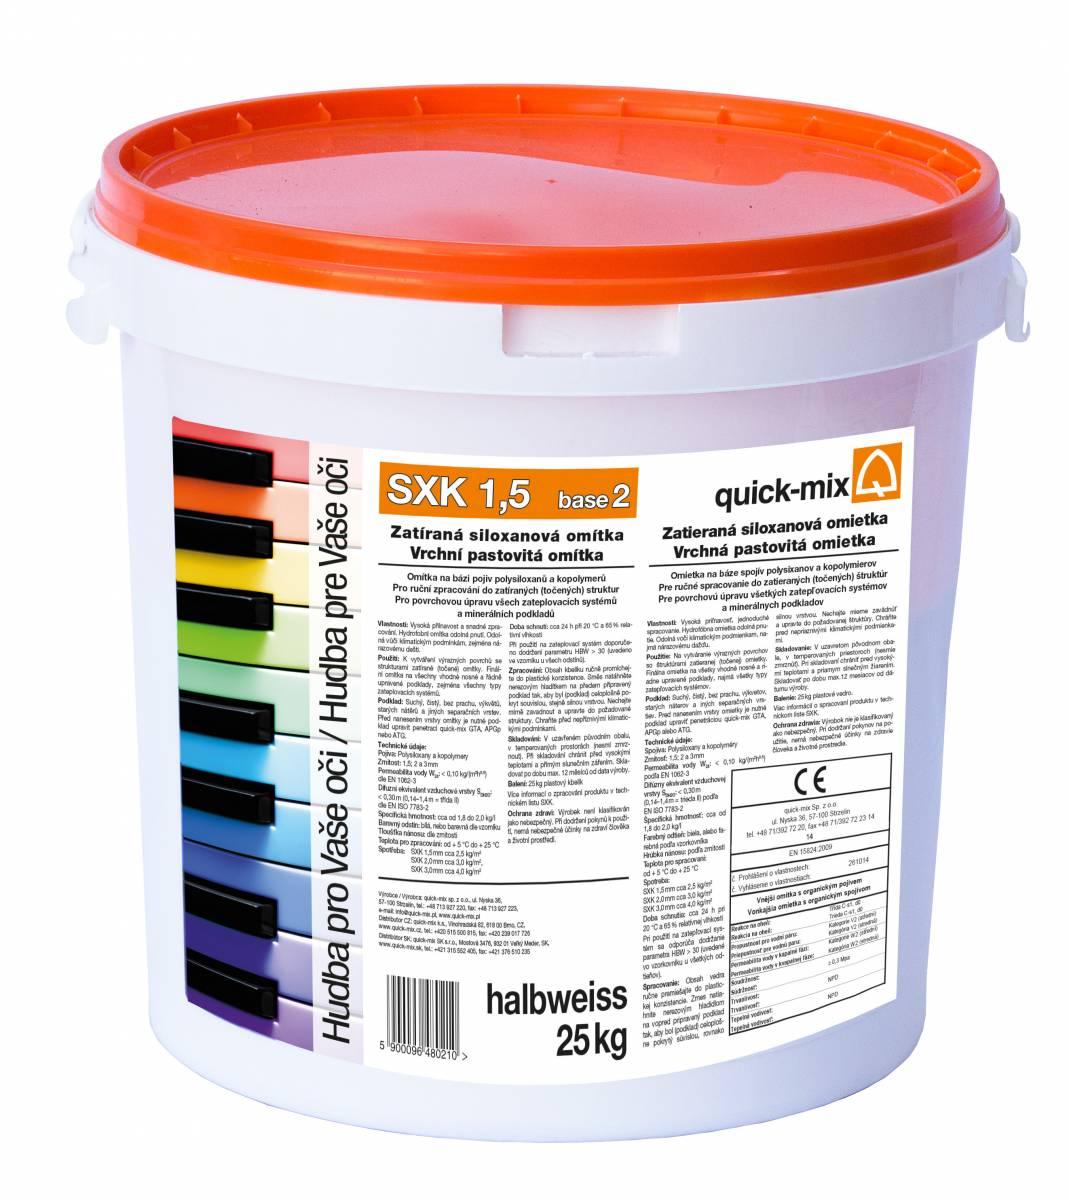 LIPEA/ siloxanová omítka pro zatírané struktury/ probarvená fasáda